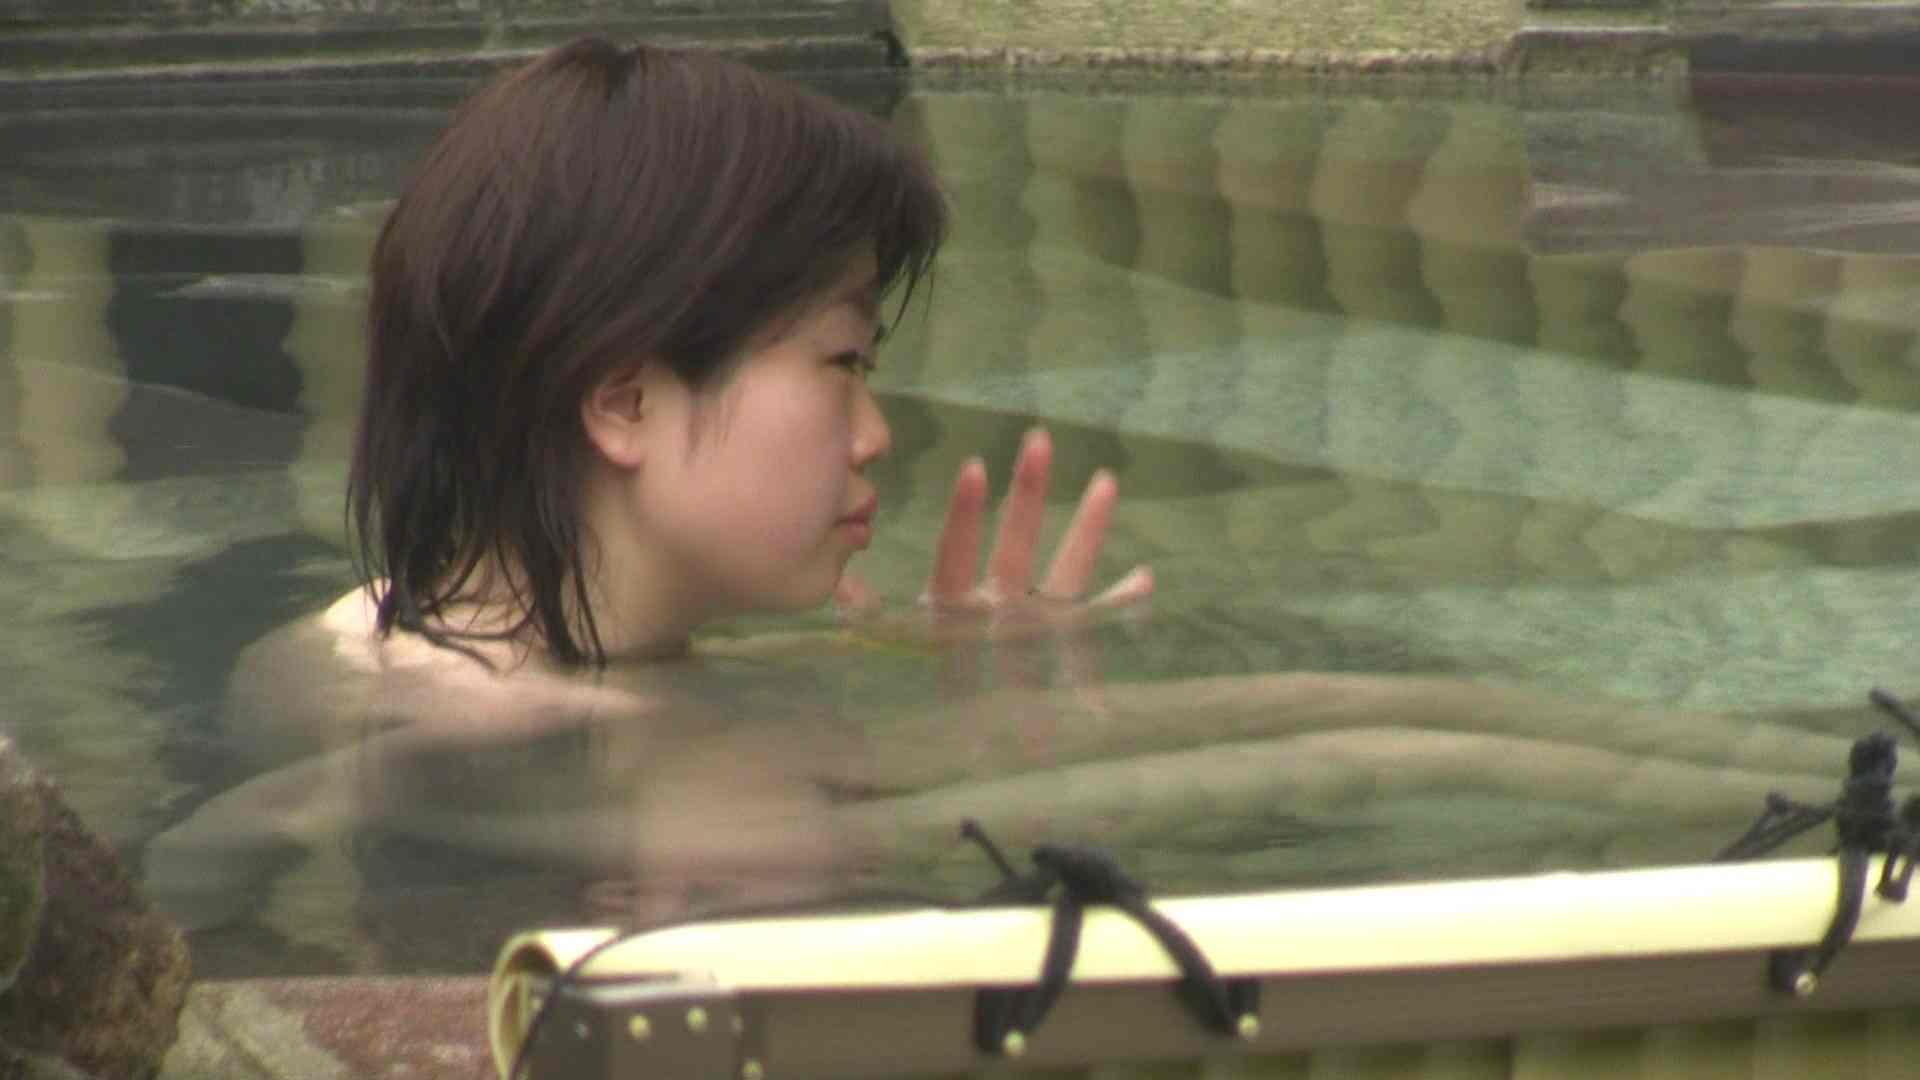 Aquaな露天風呂Vol.675 盗撮 | OLのエロ生活  53連発 19